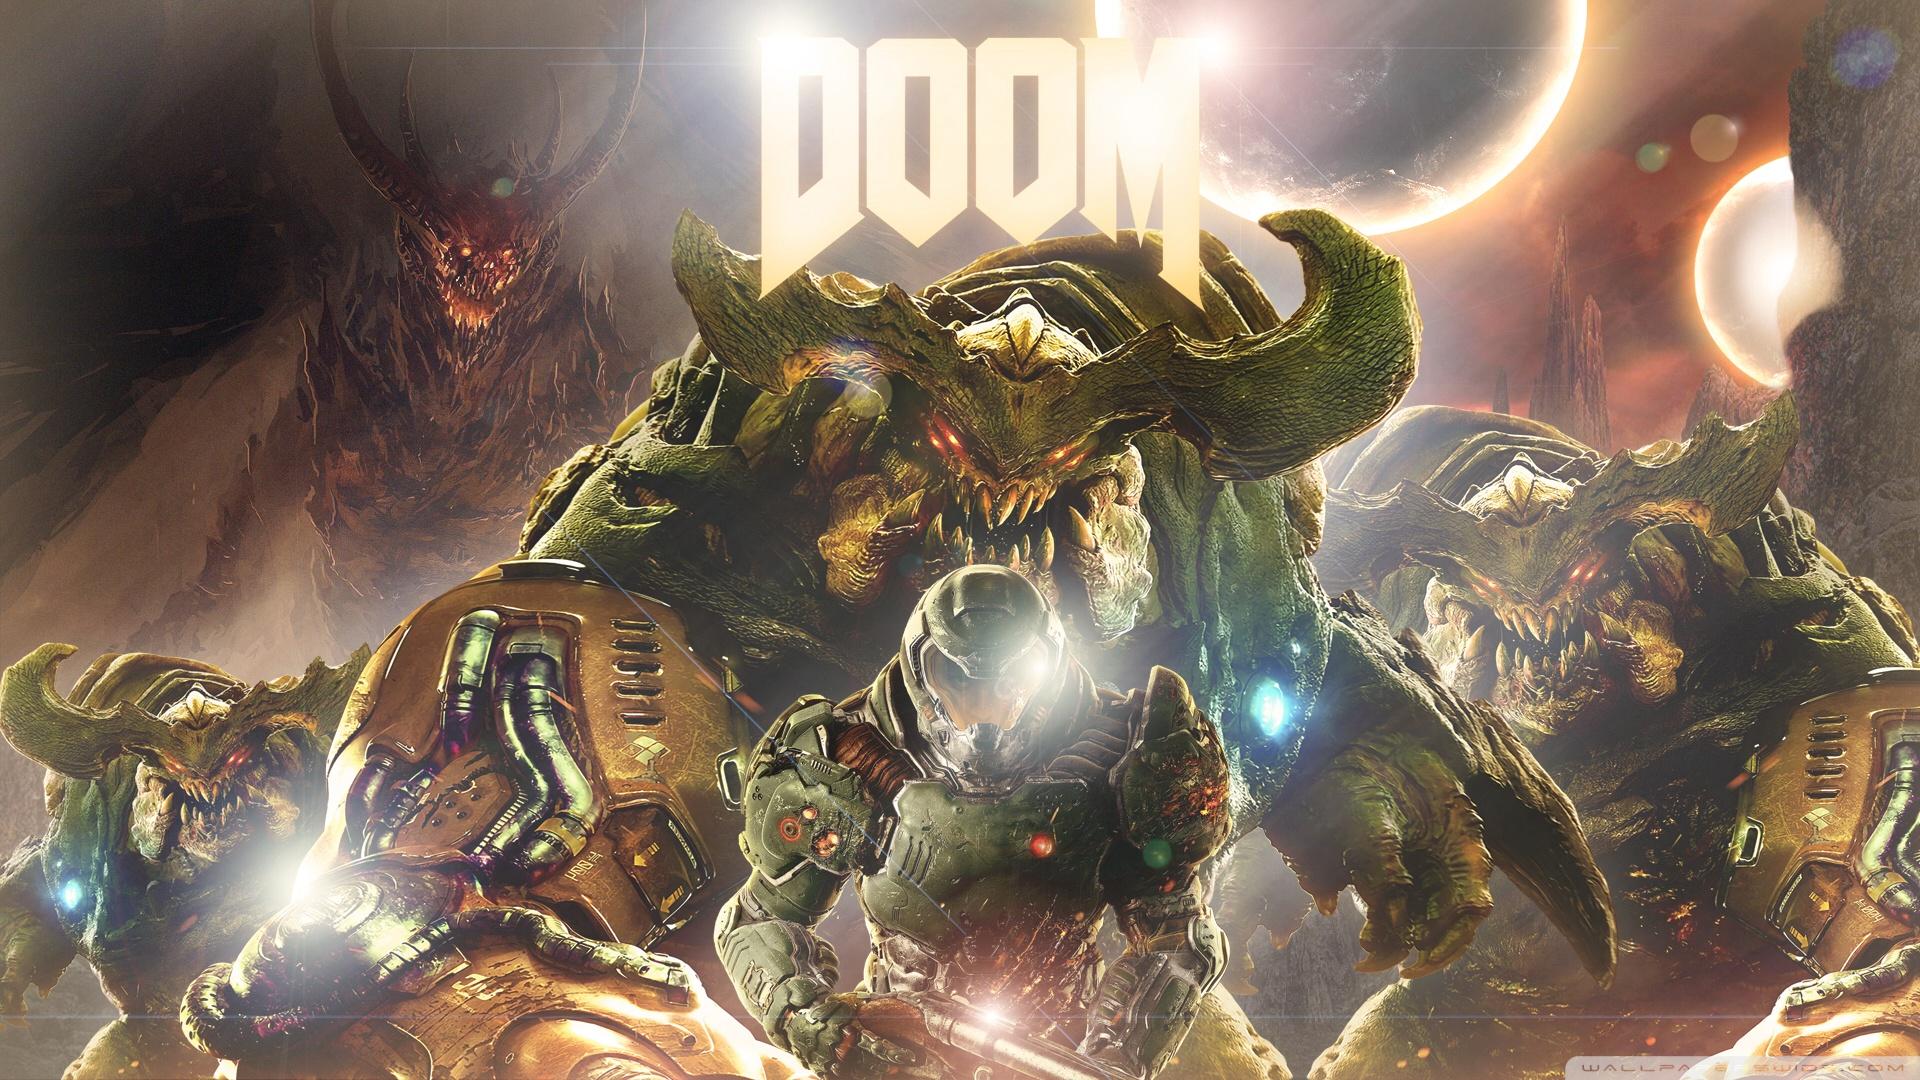 doom_4-wallpaper-1920x1080